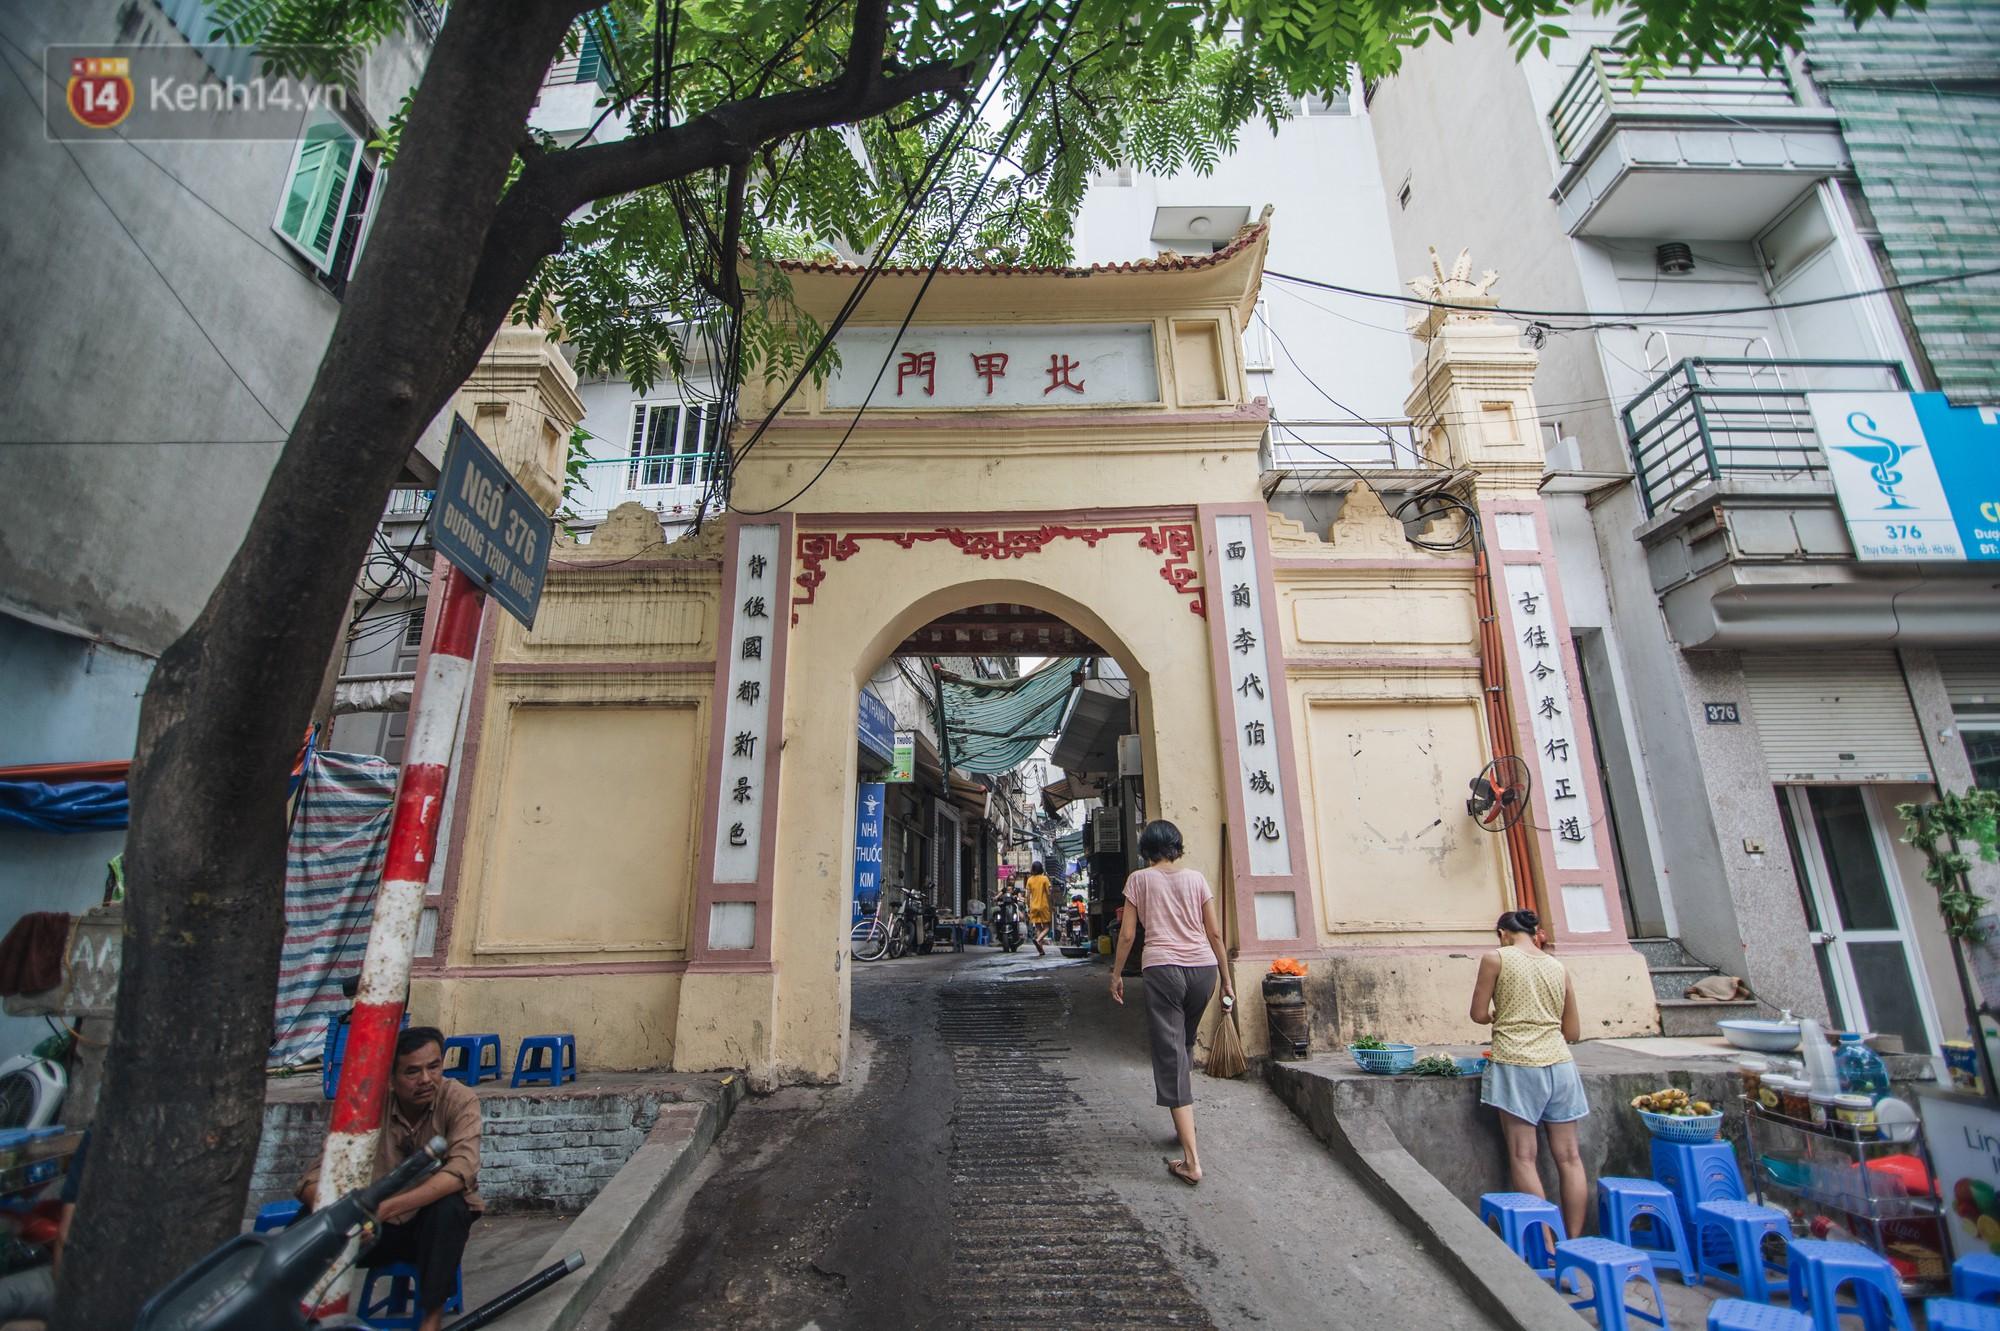 Chuyện về một con phố có nhiều cổng làng nhất Hà Nội: Đưa chân qua cổng phải tôn trọng nếp làng 2